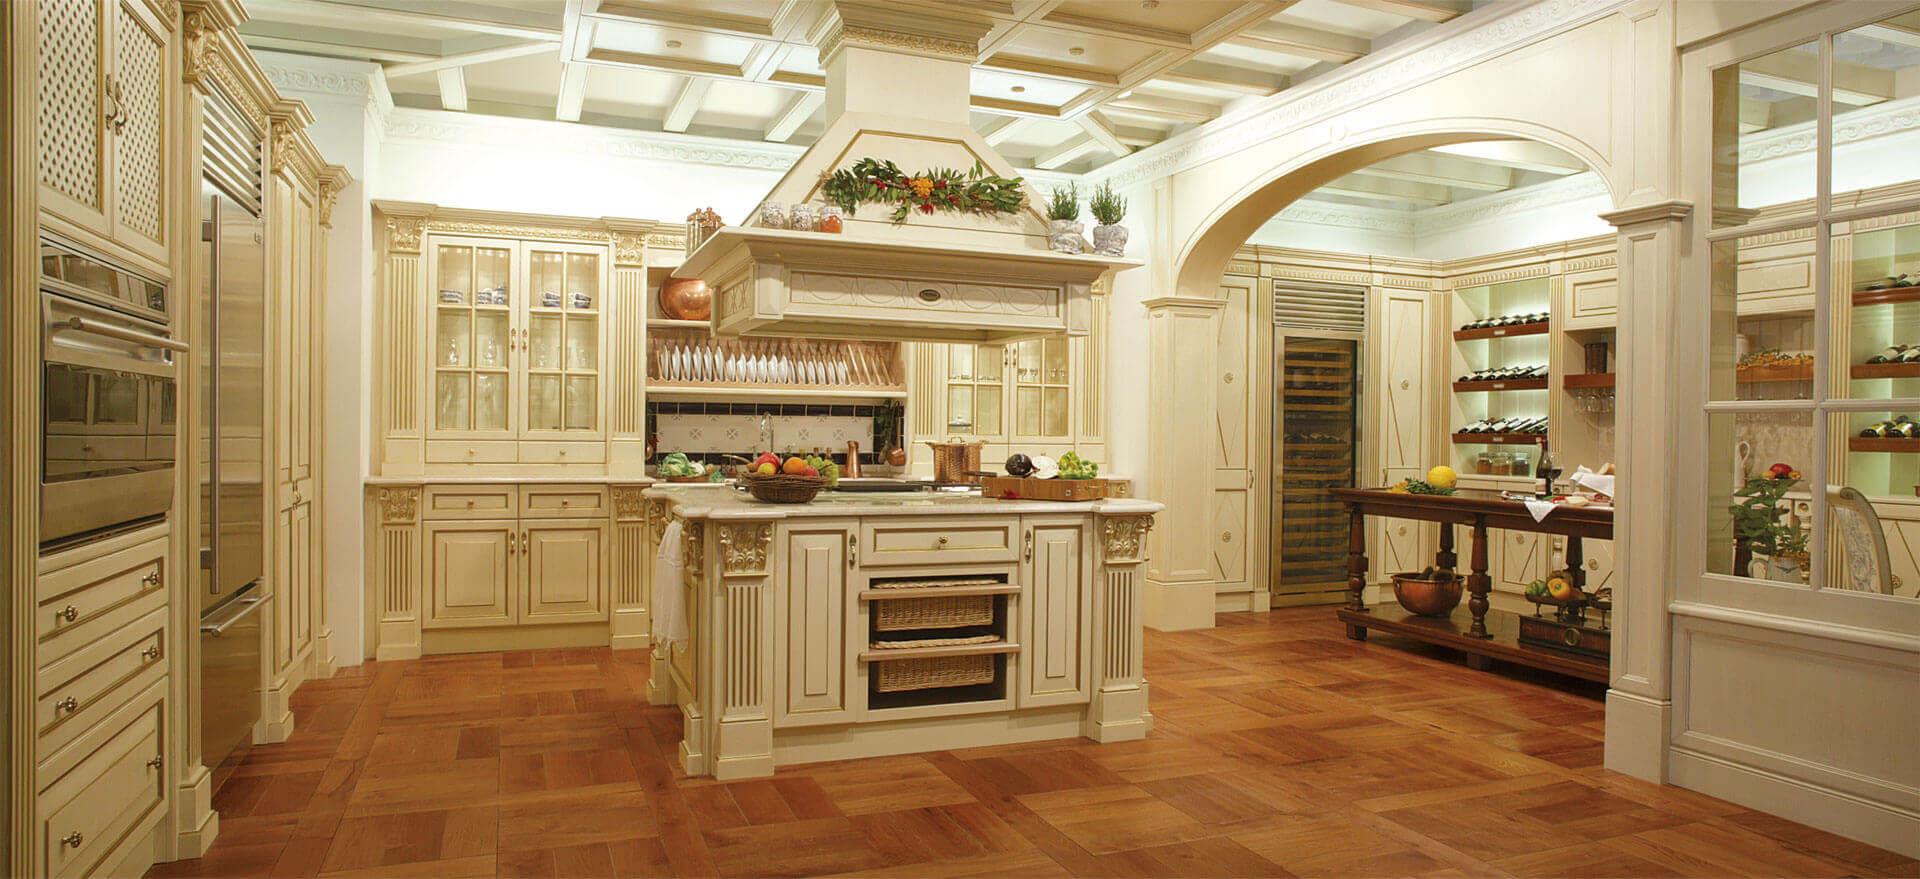 modern kitchen cabinets designs ...